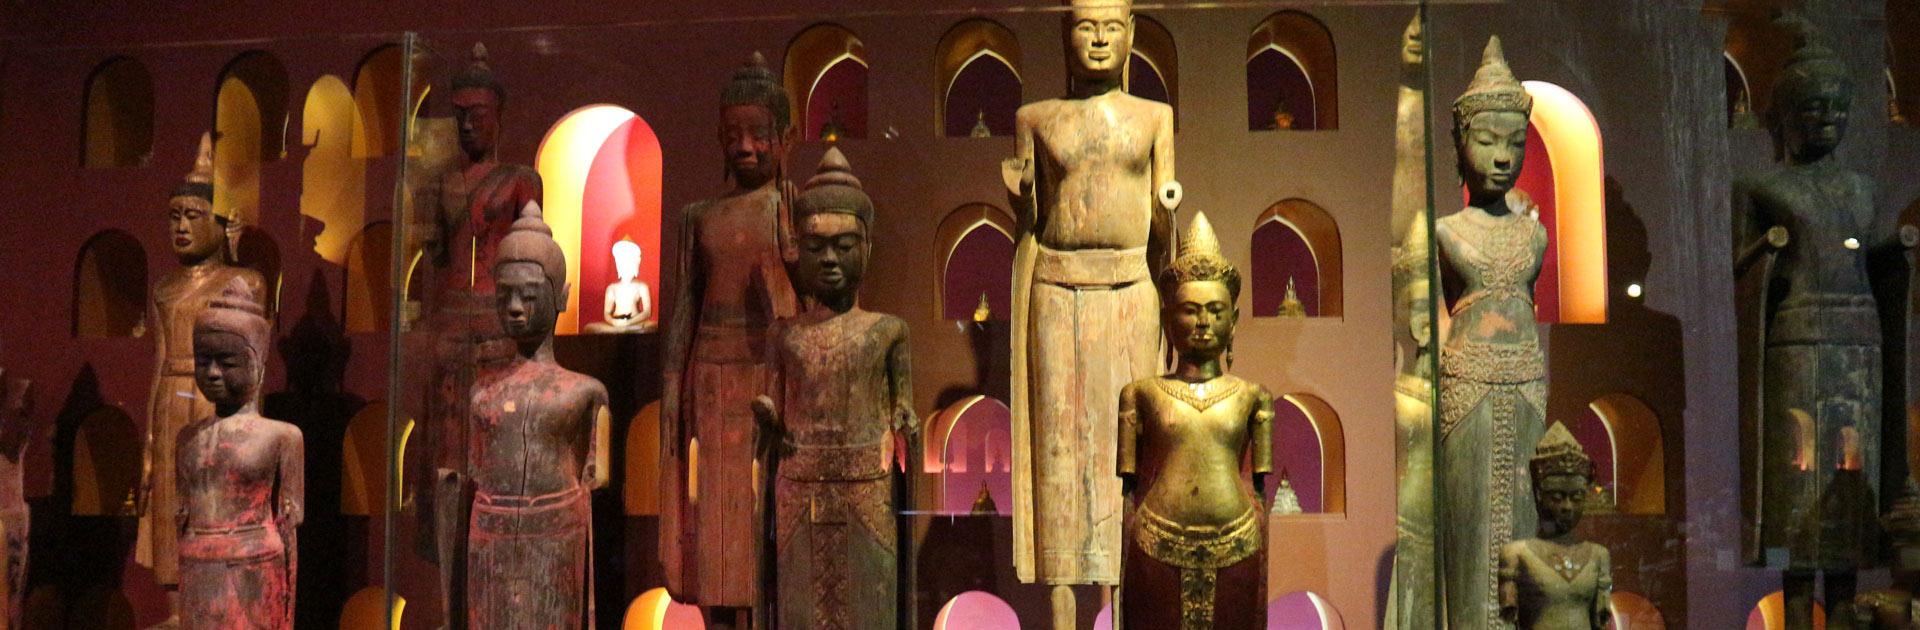 KHMM Recorrido Birmania y Siem Reap 14 días 3